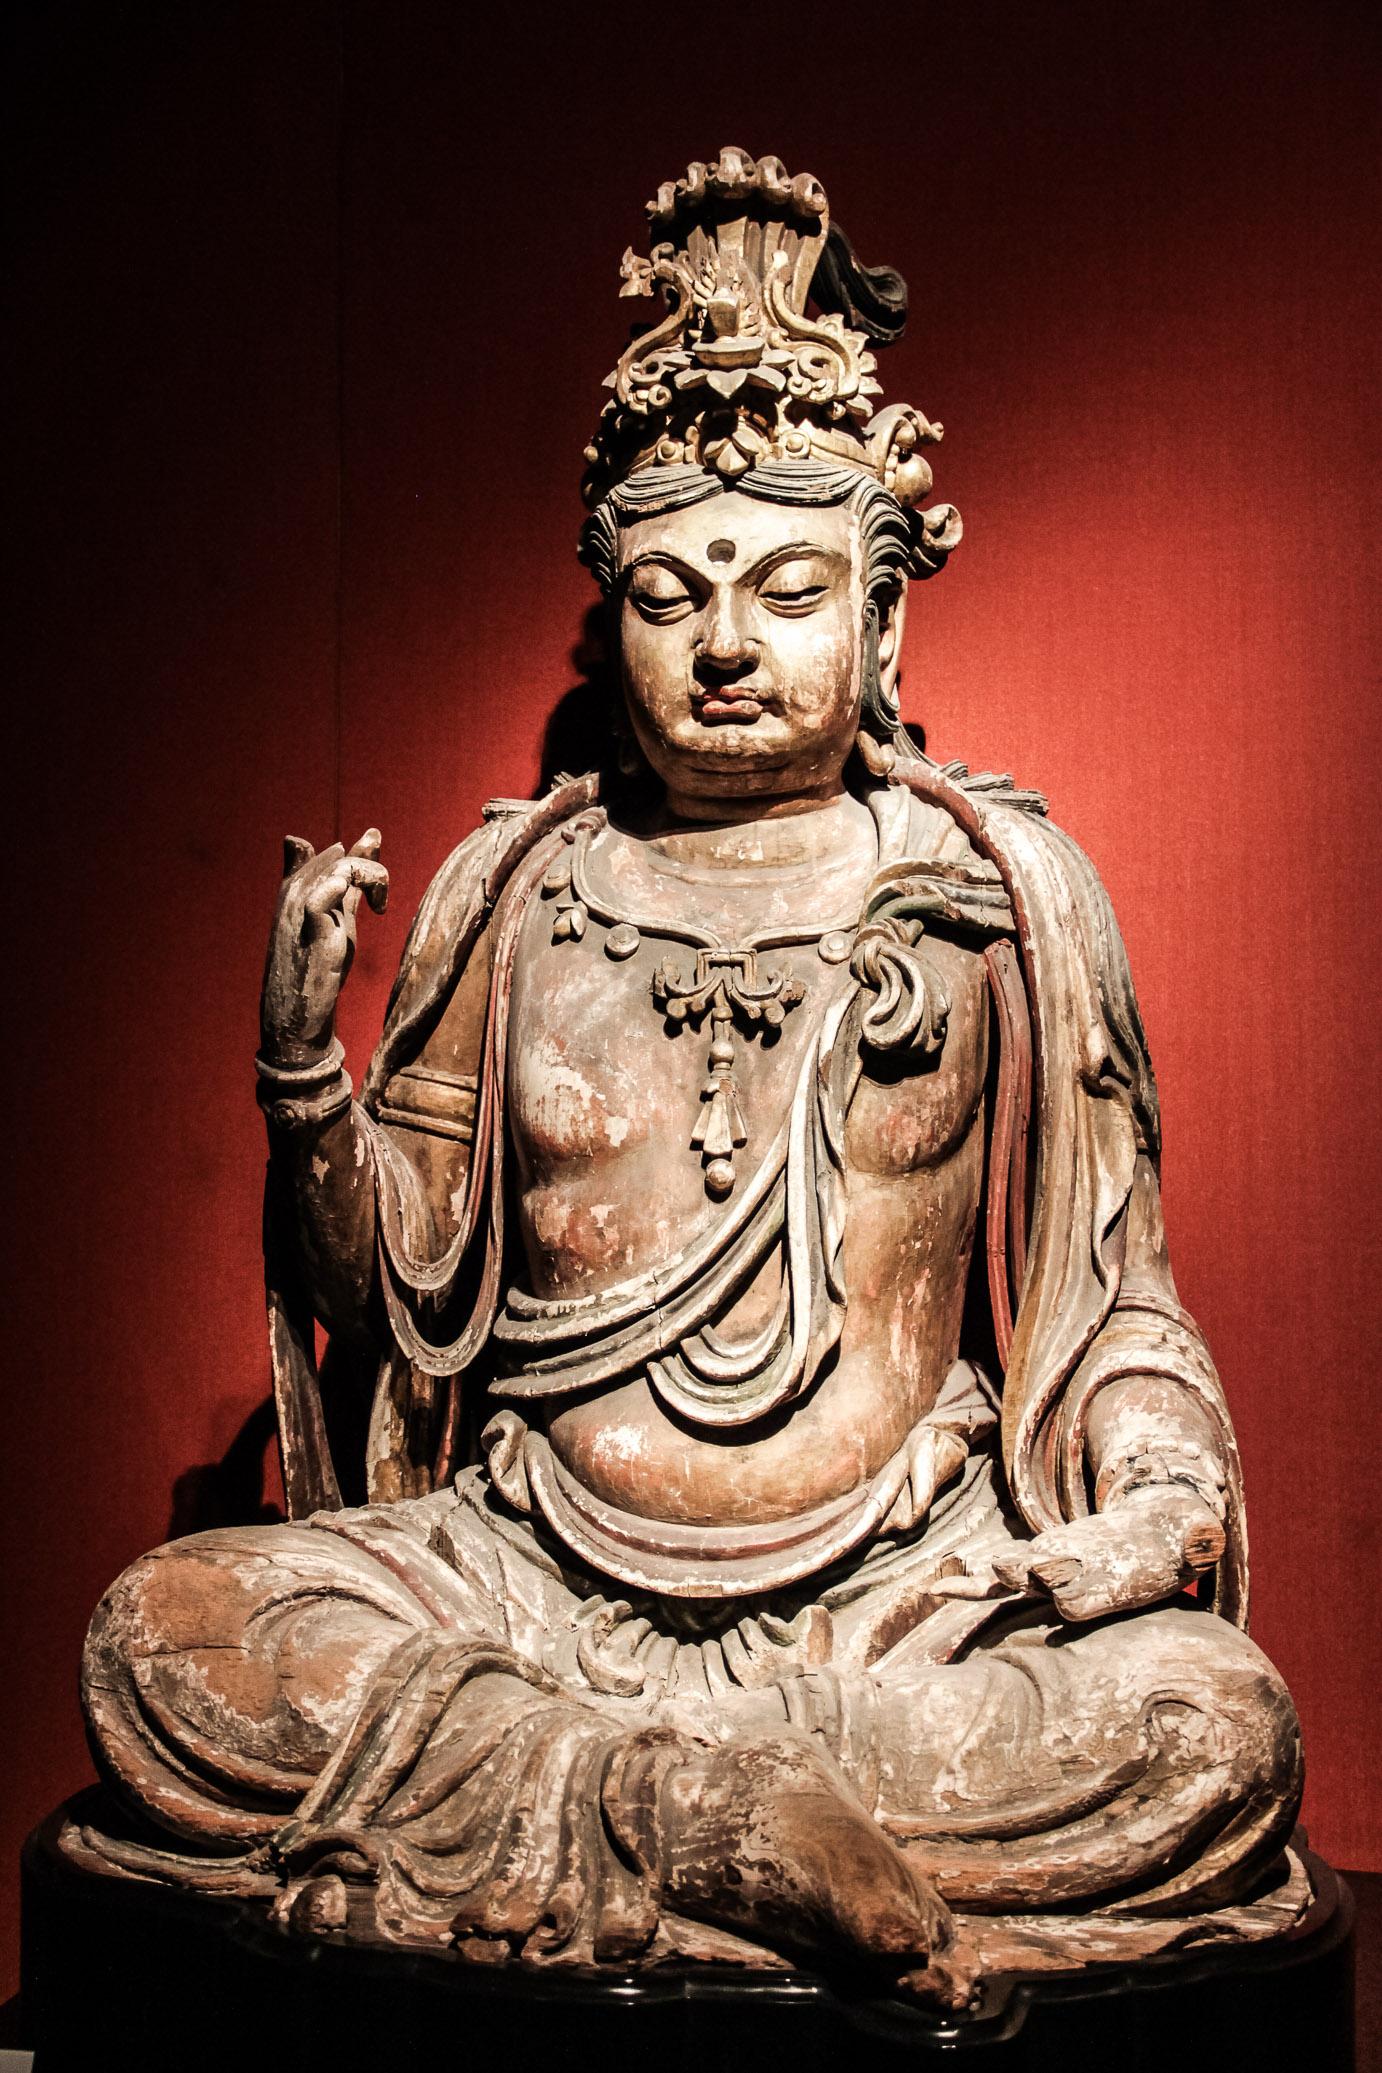 Statue de Bouddha au Musee de Shanghai